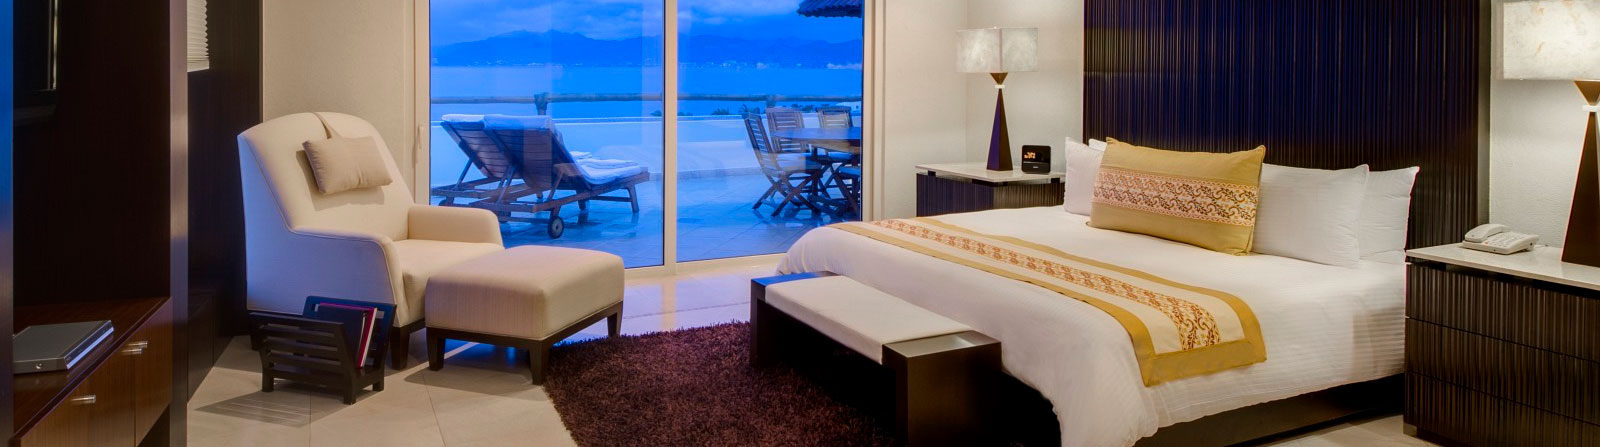 Suite Presidencial en Grand Velas Riviera Nayarit, México